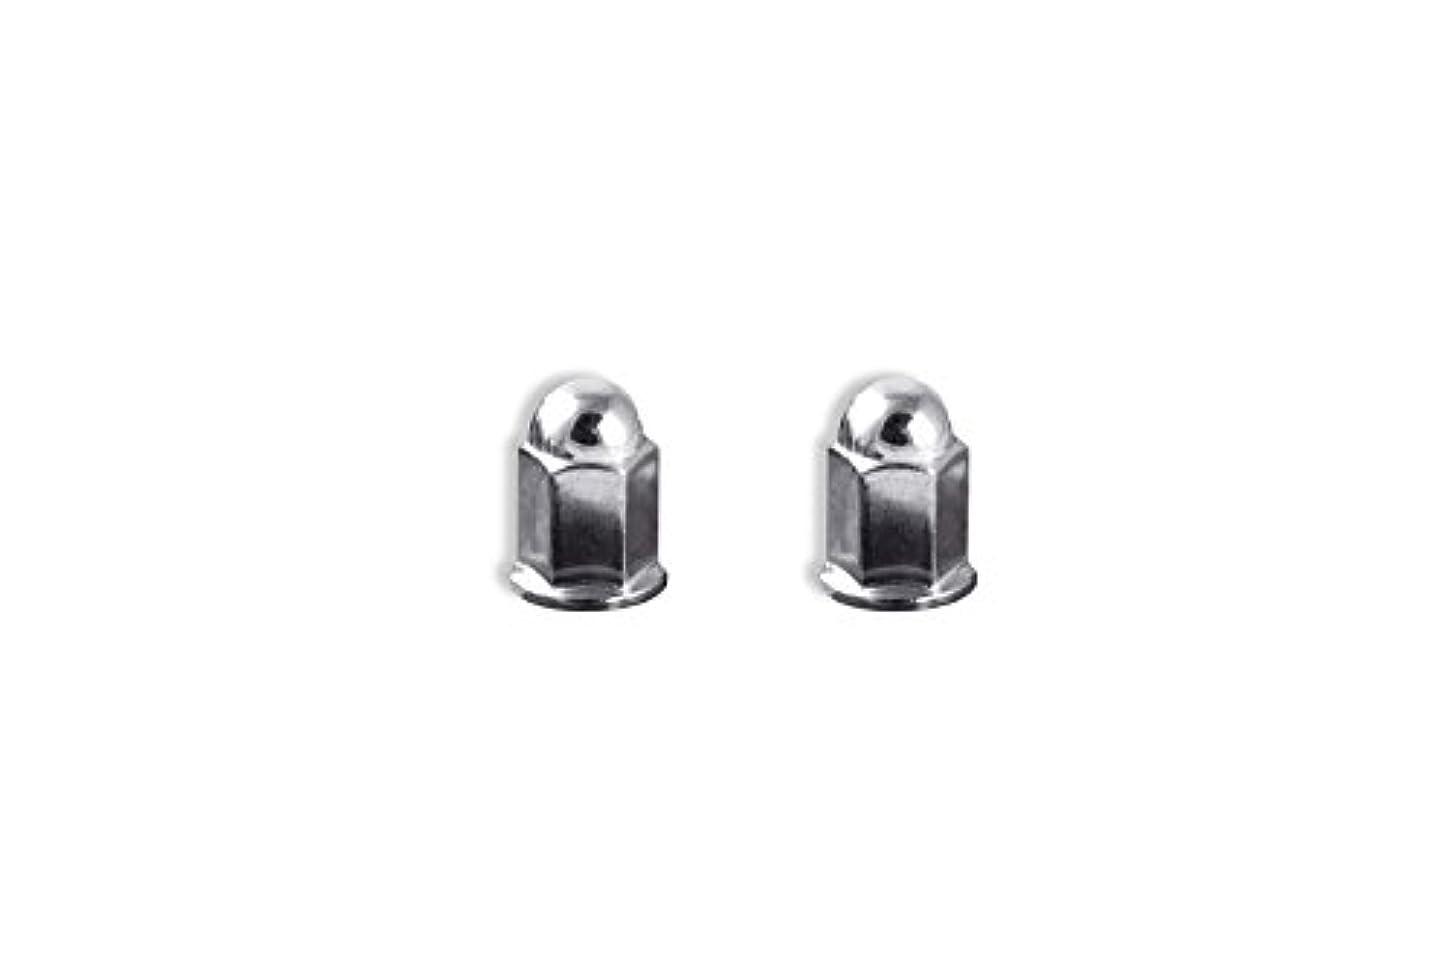 ネックレットドラフト苦M8×35mm フラワー ヘッド ボルト ステンレス 削り出し フランジボルト フレーム周辺やハンドルなどに 焼チタンカラー TB0569